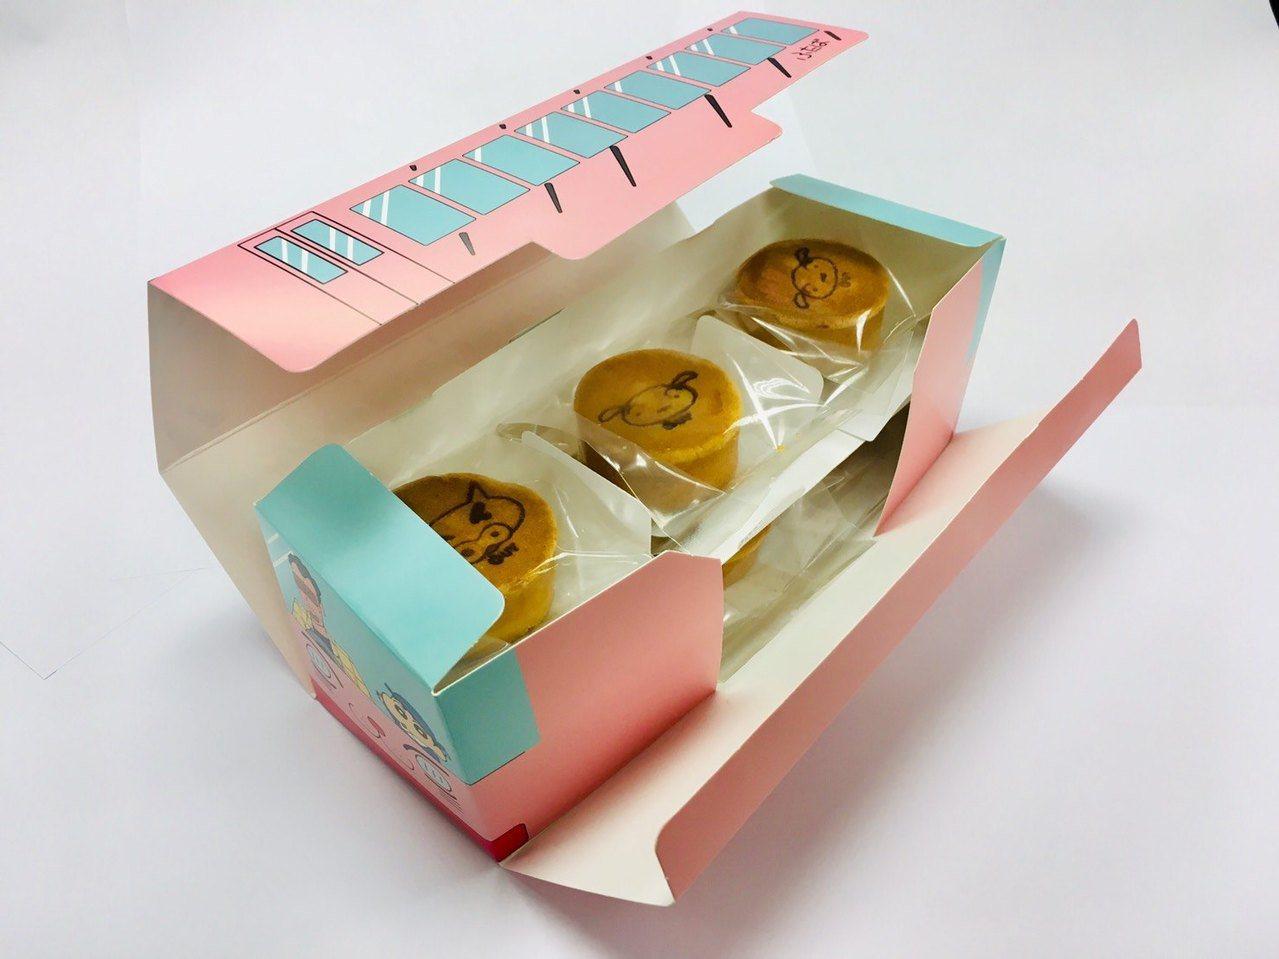 台灣限定手工鳳梨酥「小新巴士禮盒」。圖/摘自小星屋官網